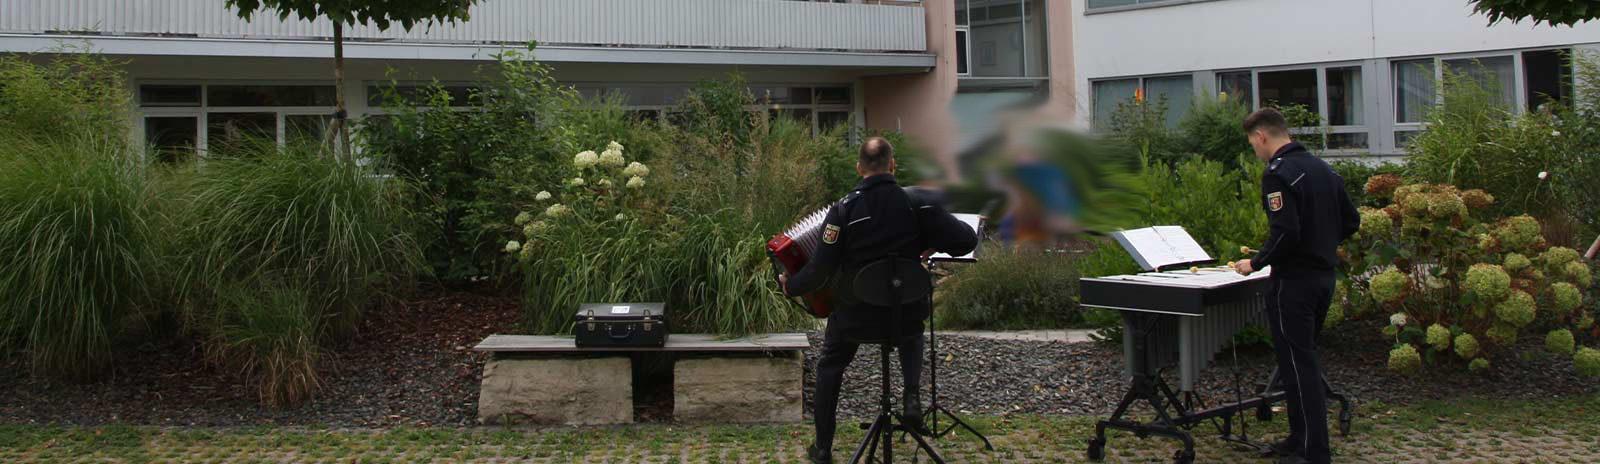 2020_09_09_Eifelhaus_Polizeiorchester_slider